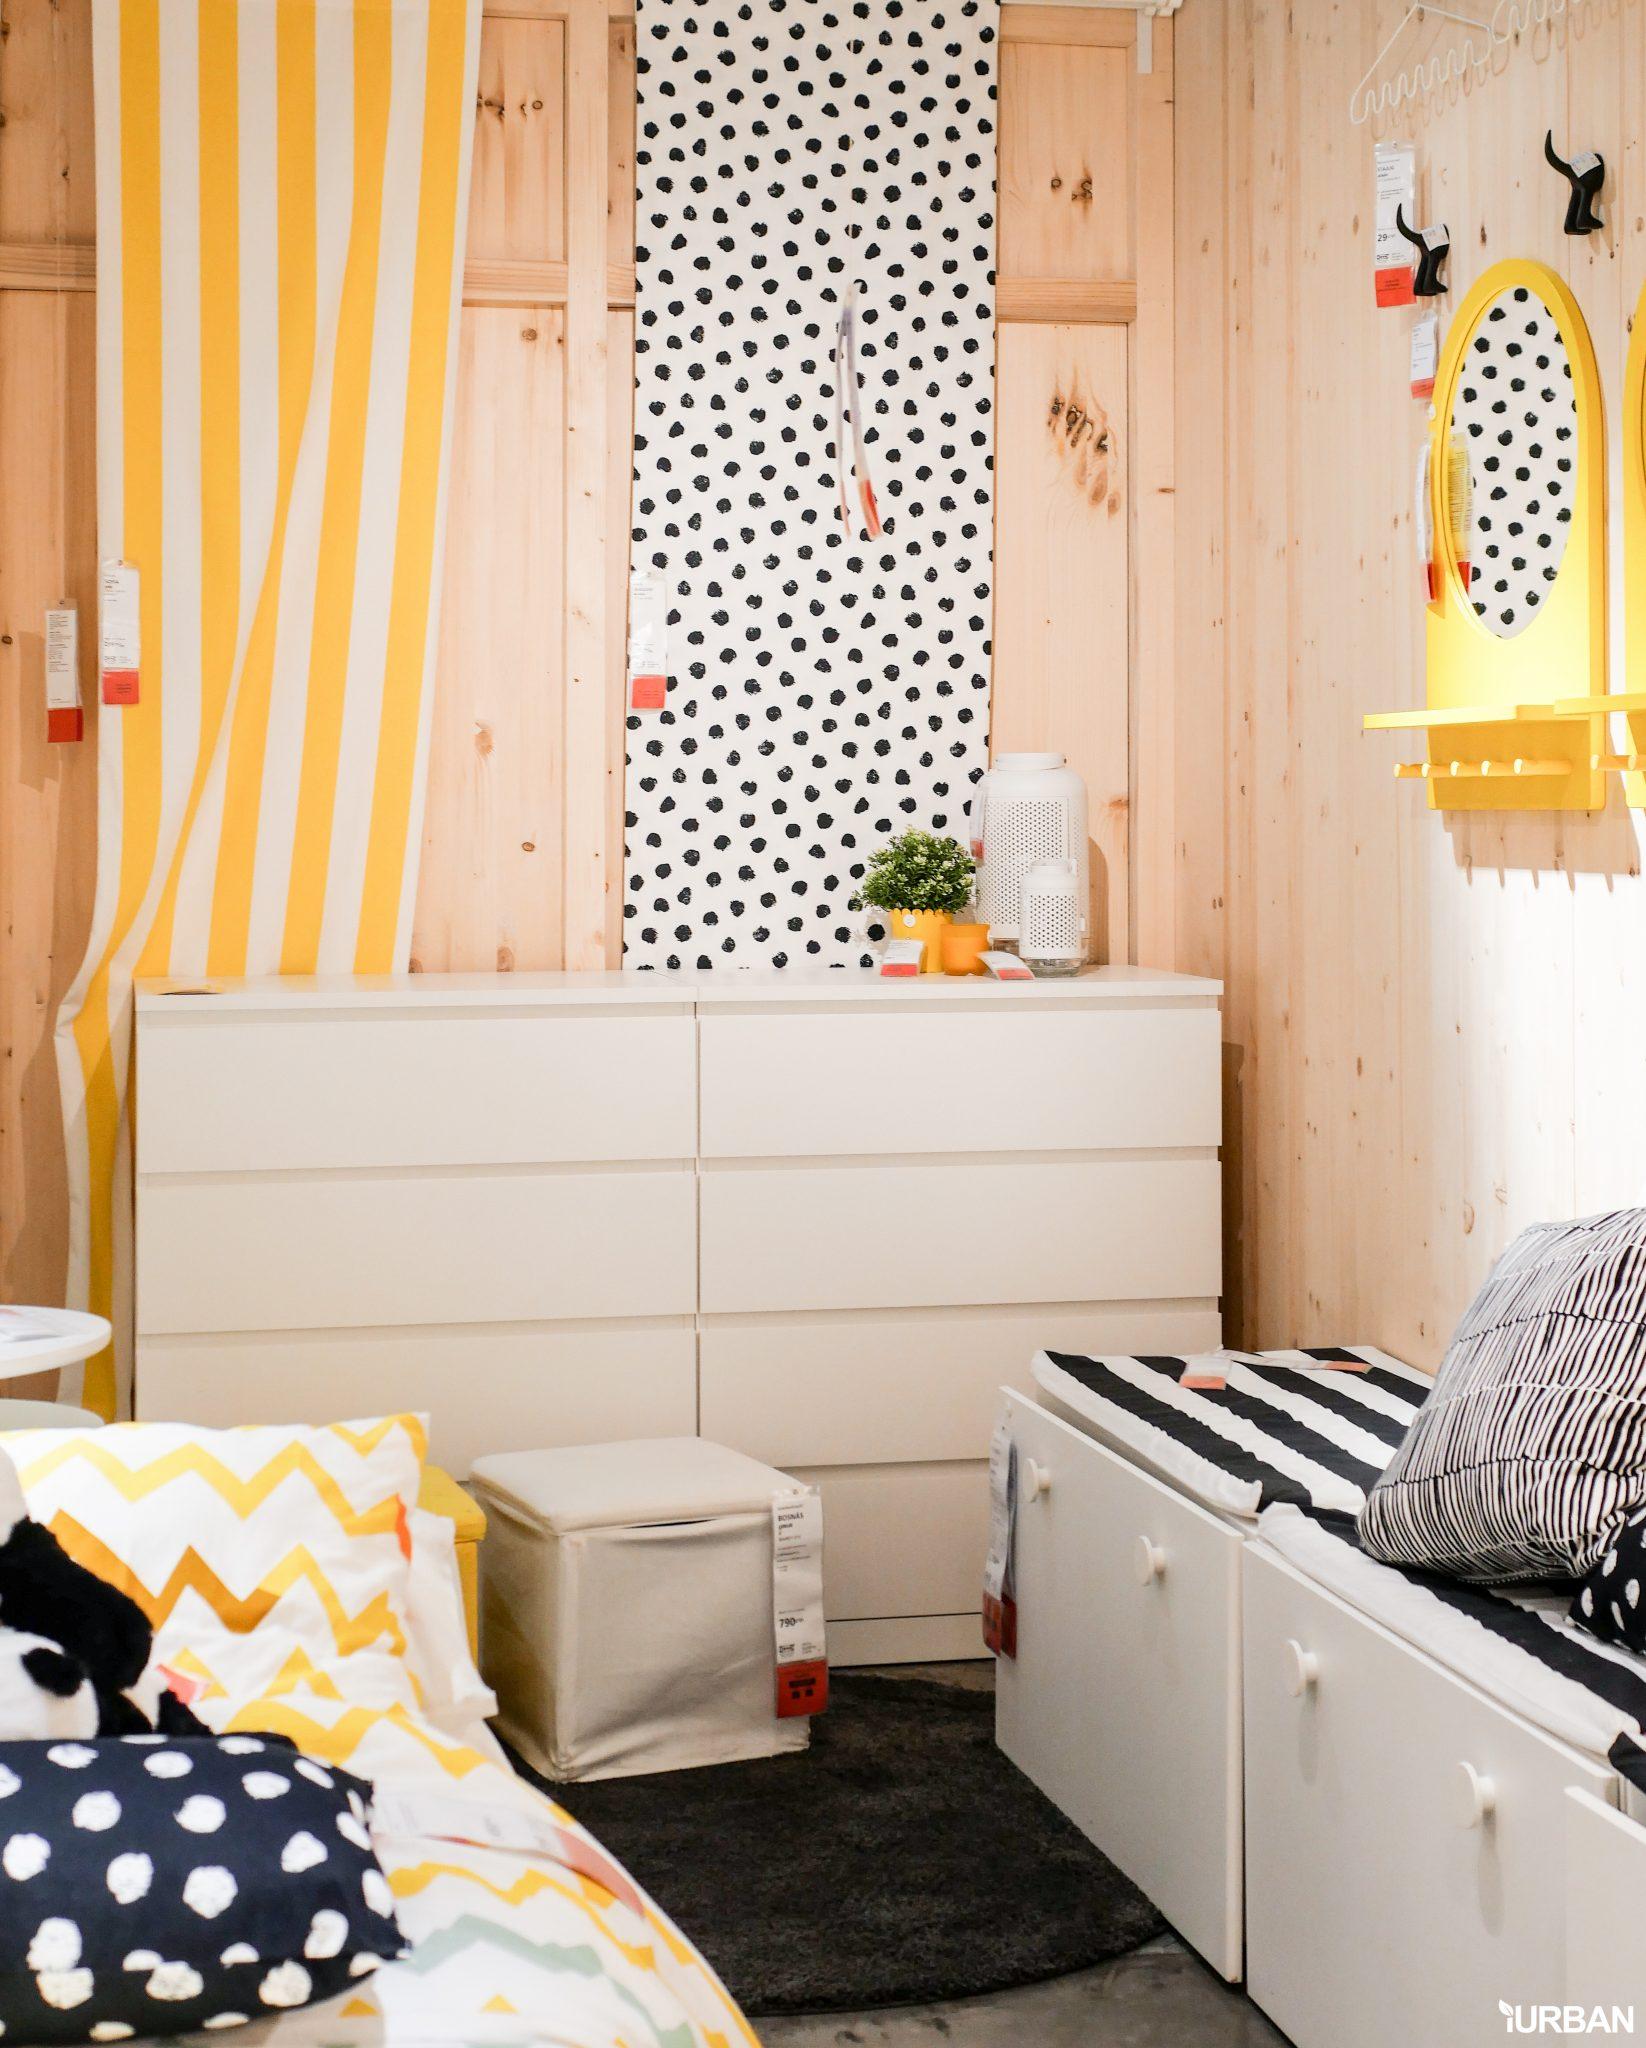 """9 วิธีจัดห้องเก่าให้เหมือนใหม่ ลอกวิธีจัดห้องในพื้นที่เล็ก """"Small Space"""" แบบ IKEA 61 - Bedroom"""